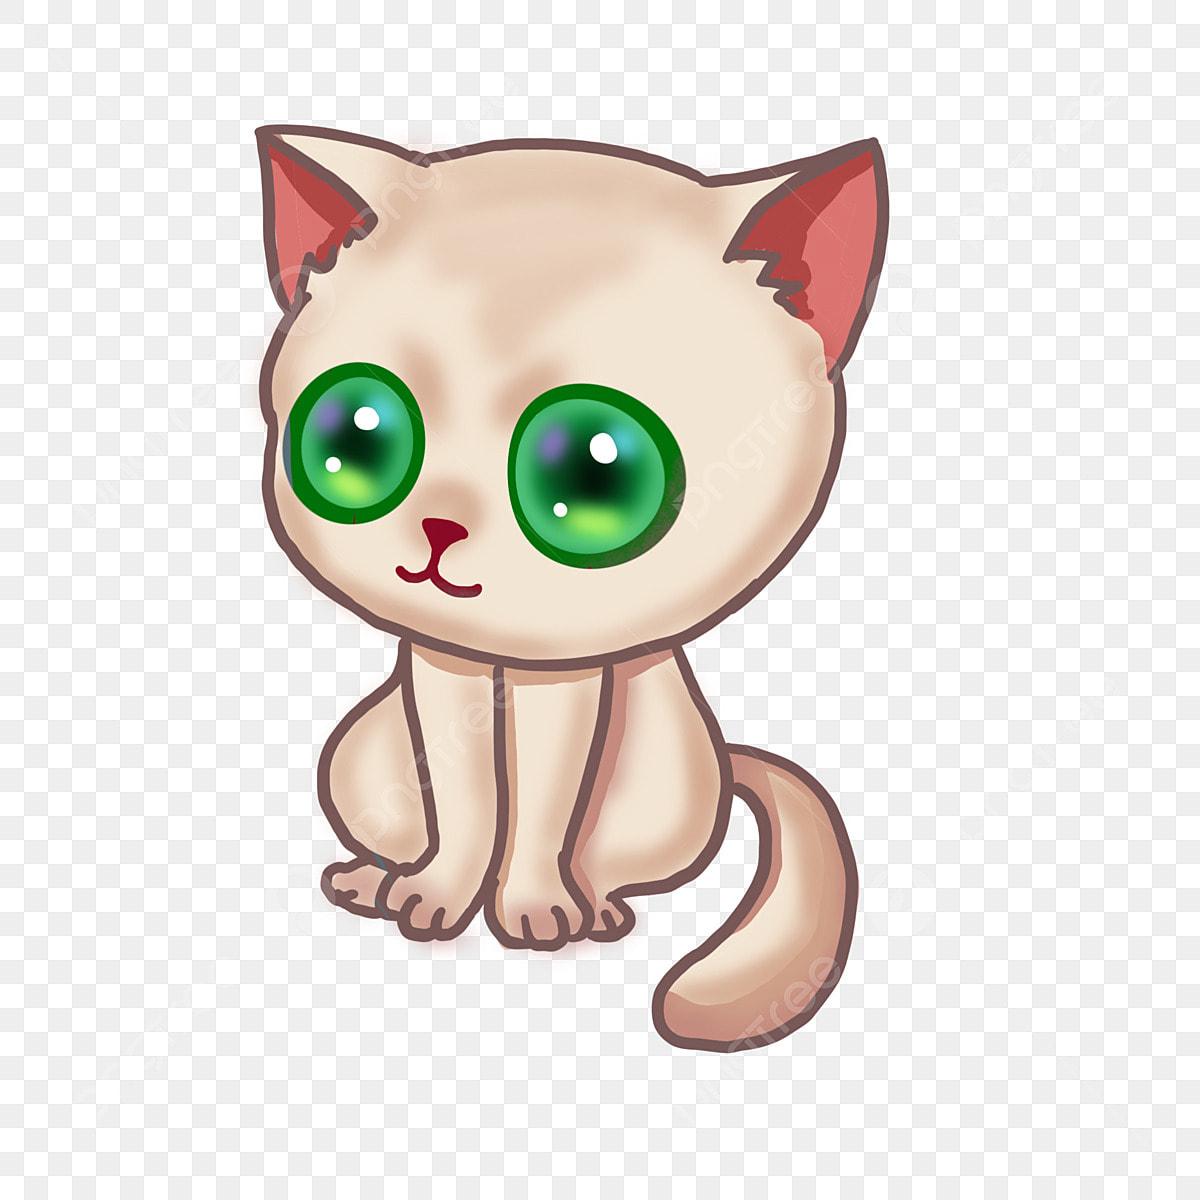 gambar tangan dicat binatang hijau mata mata kucing haiwan ilustrasi kucing mata png dan psd untuk muat turun percuma https ms pngtree com freepng hand painted pet green eye cat eyes 3837812 html